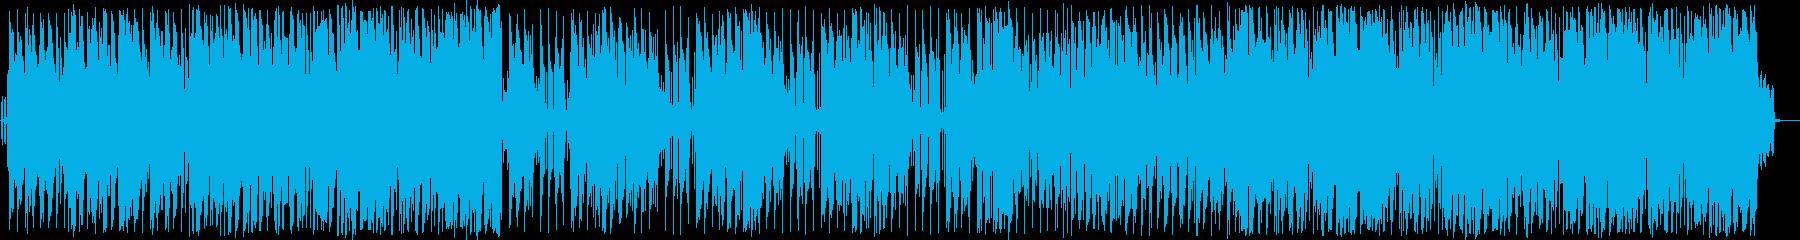 海沿いのドライブが似合うリゾートBGMの再生済みの波形